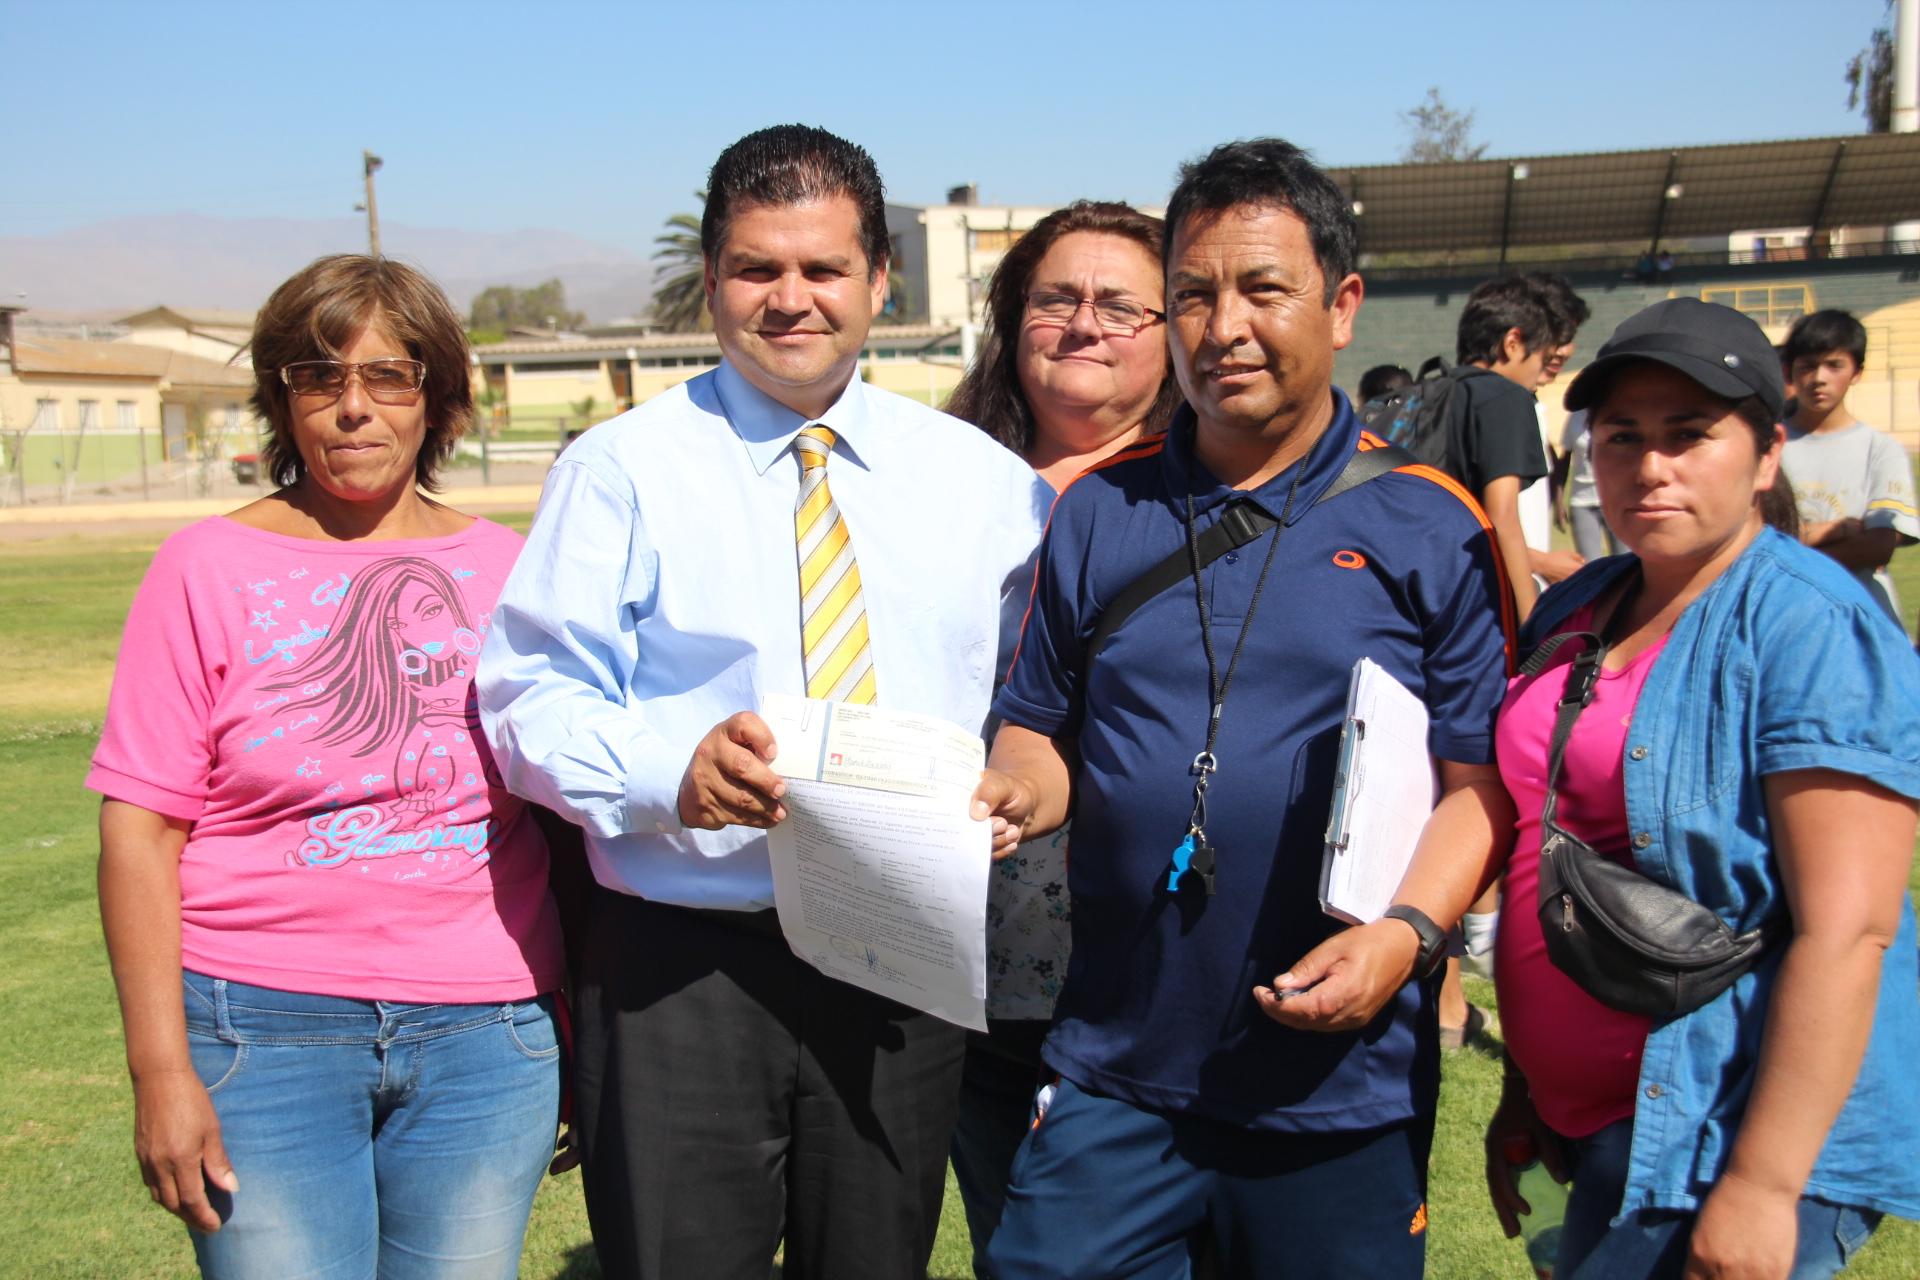 Ejecutarán 7 talleres gratuitos de deportes para adultos mayores y mujeres en Vallenar